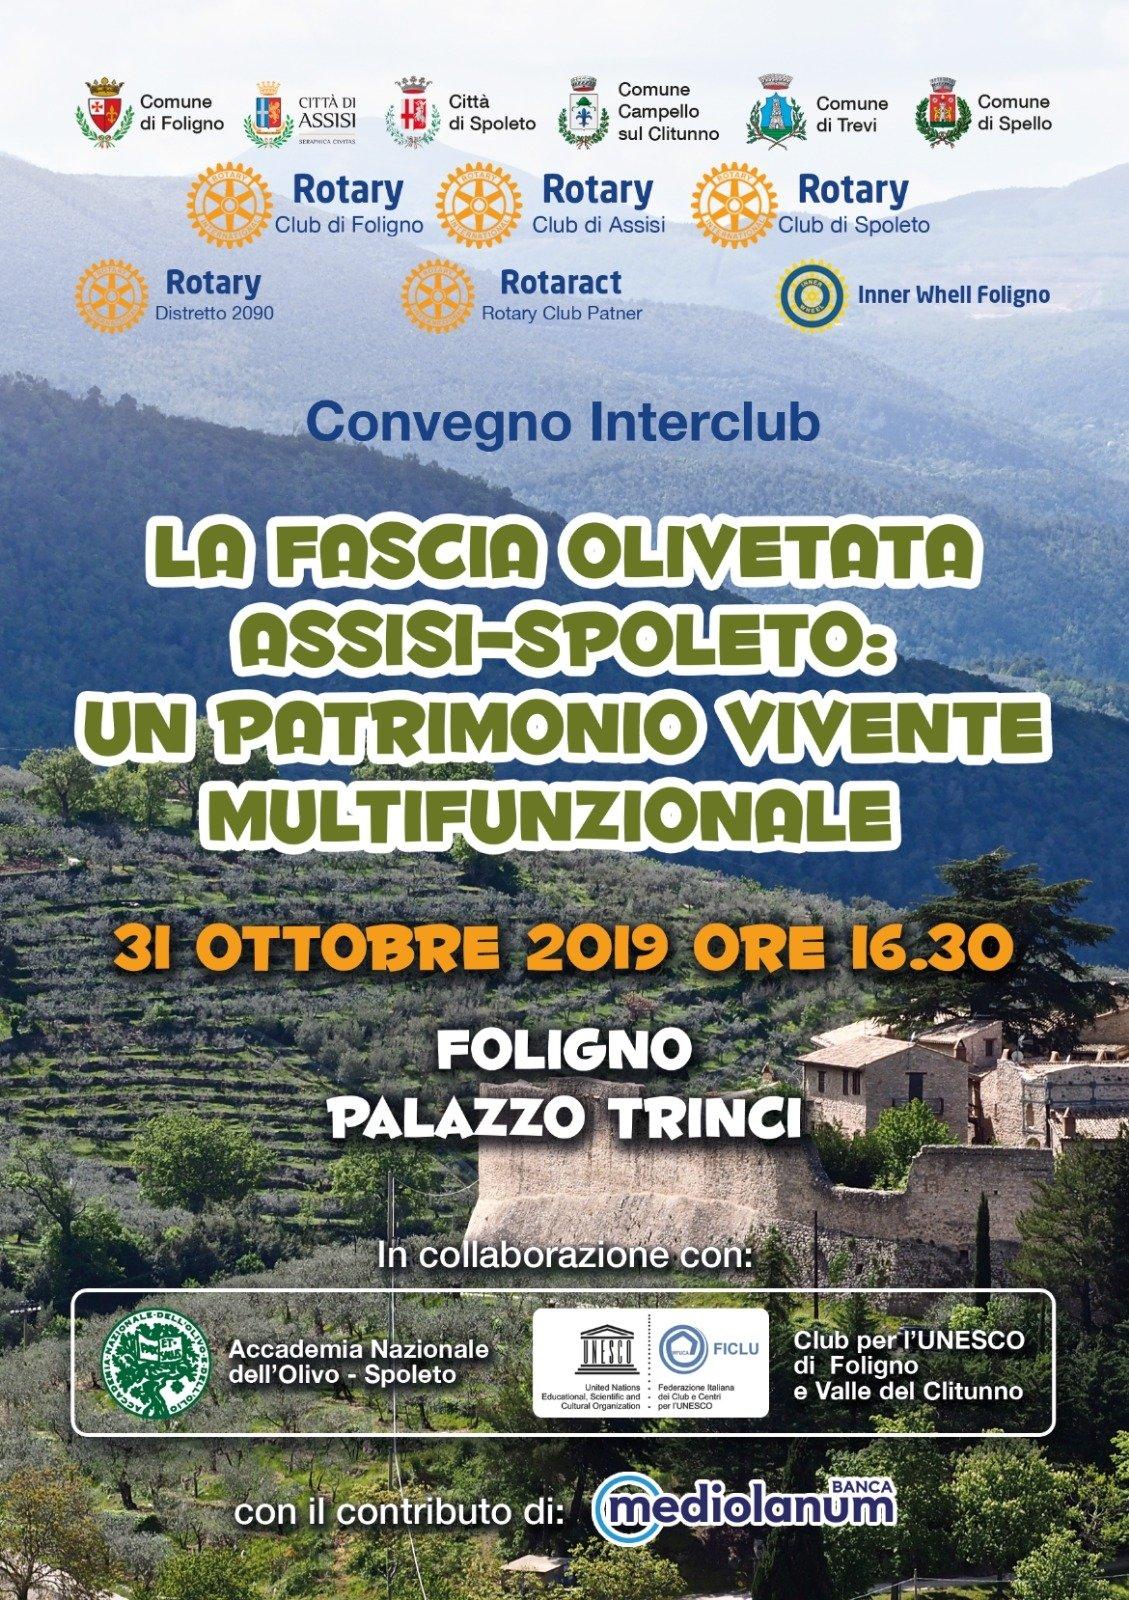 Foligno, convegno sulla fascia olivetata Assisi Spoleto quale patrimonio vivente multifunzionale